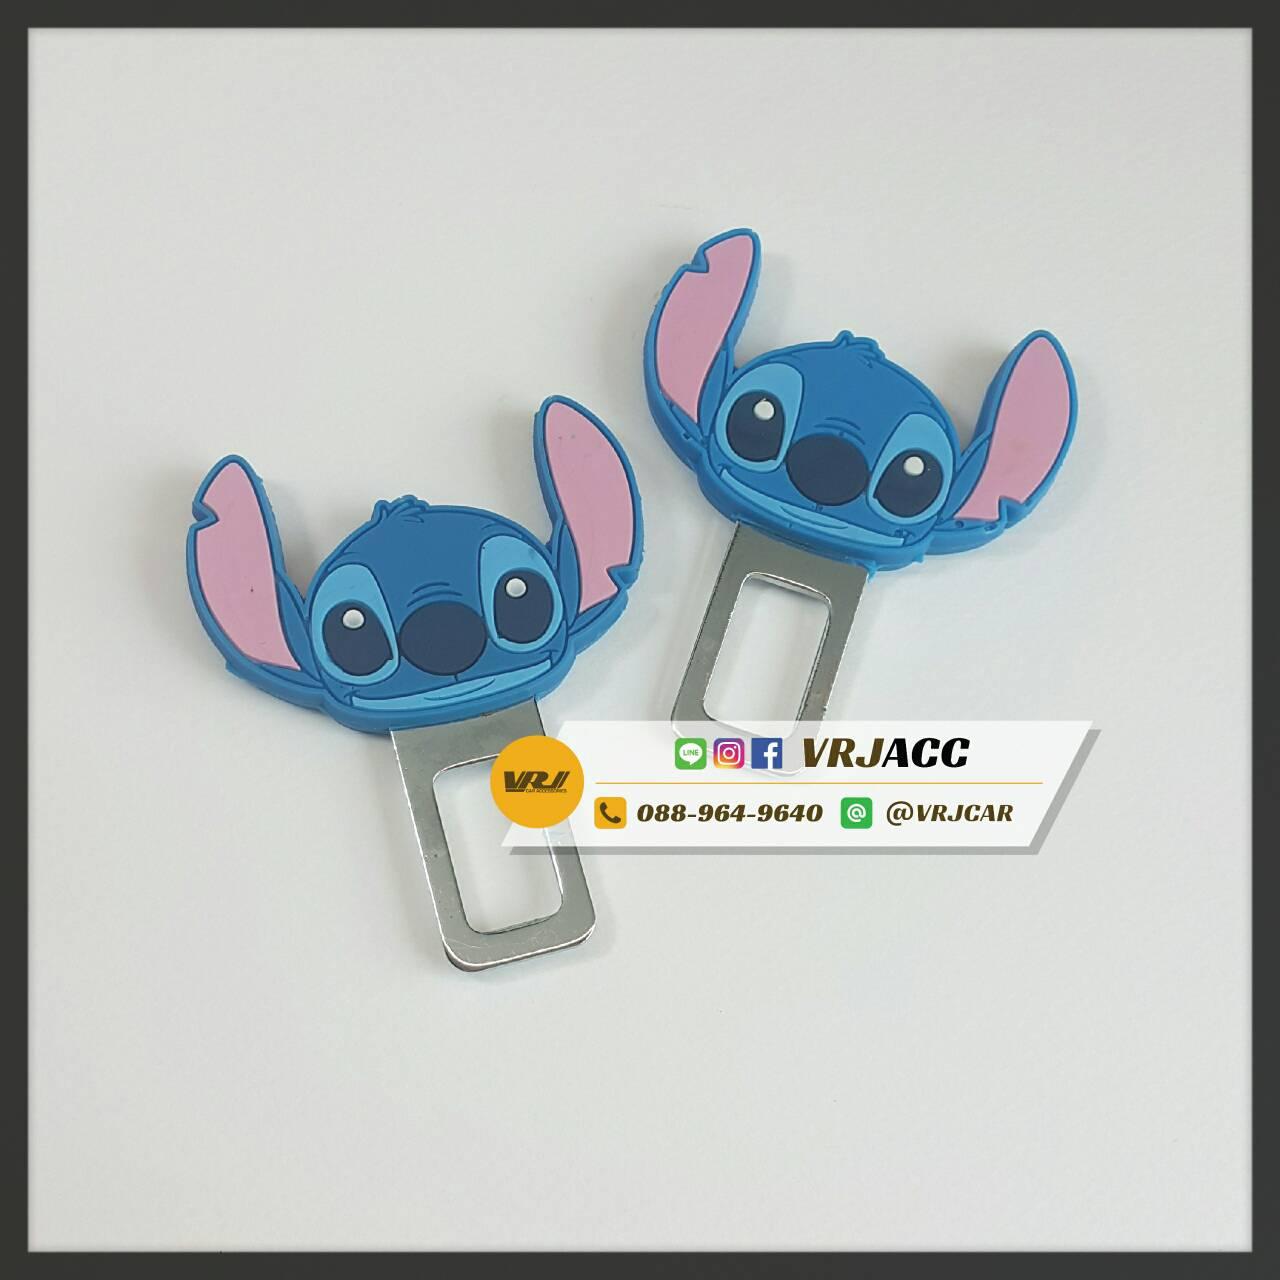 สติช Stitch ตัวตัดสัญญาณเสียงเข็มขัดนิรภัย เสียบเบลท์หลอก ลอกเบลท์ Buckle (คู่)